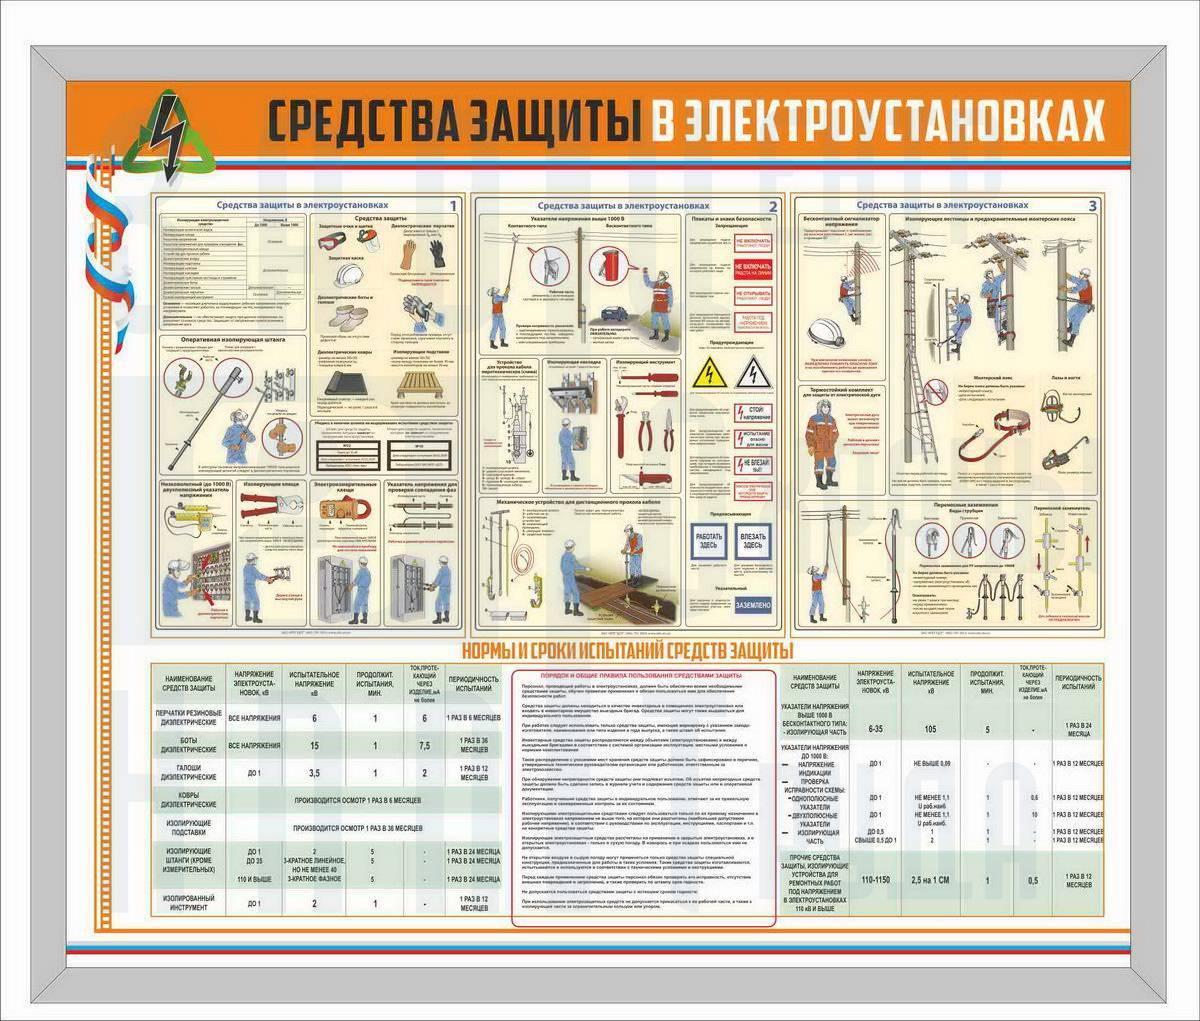 Классификация электрозащитных средств - о пожарной безопасности простыми словами